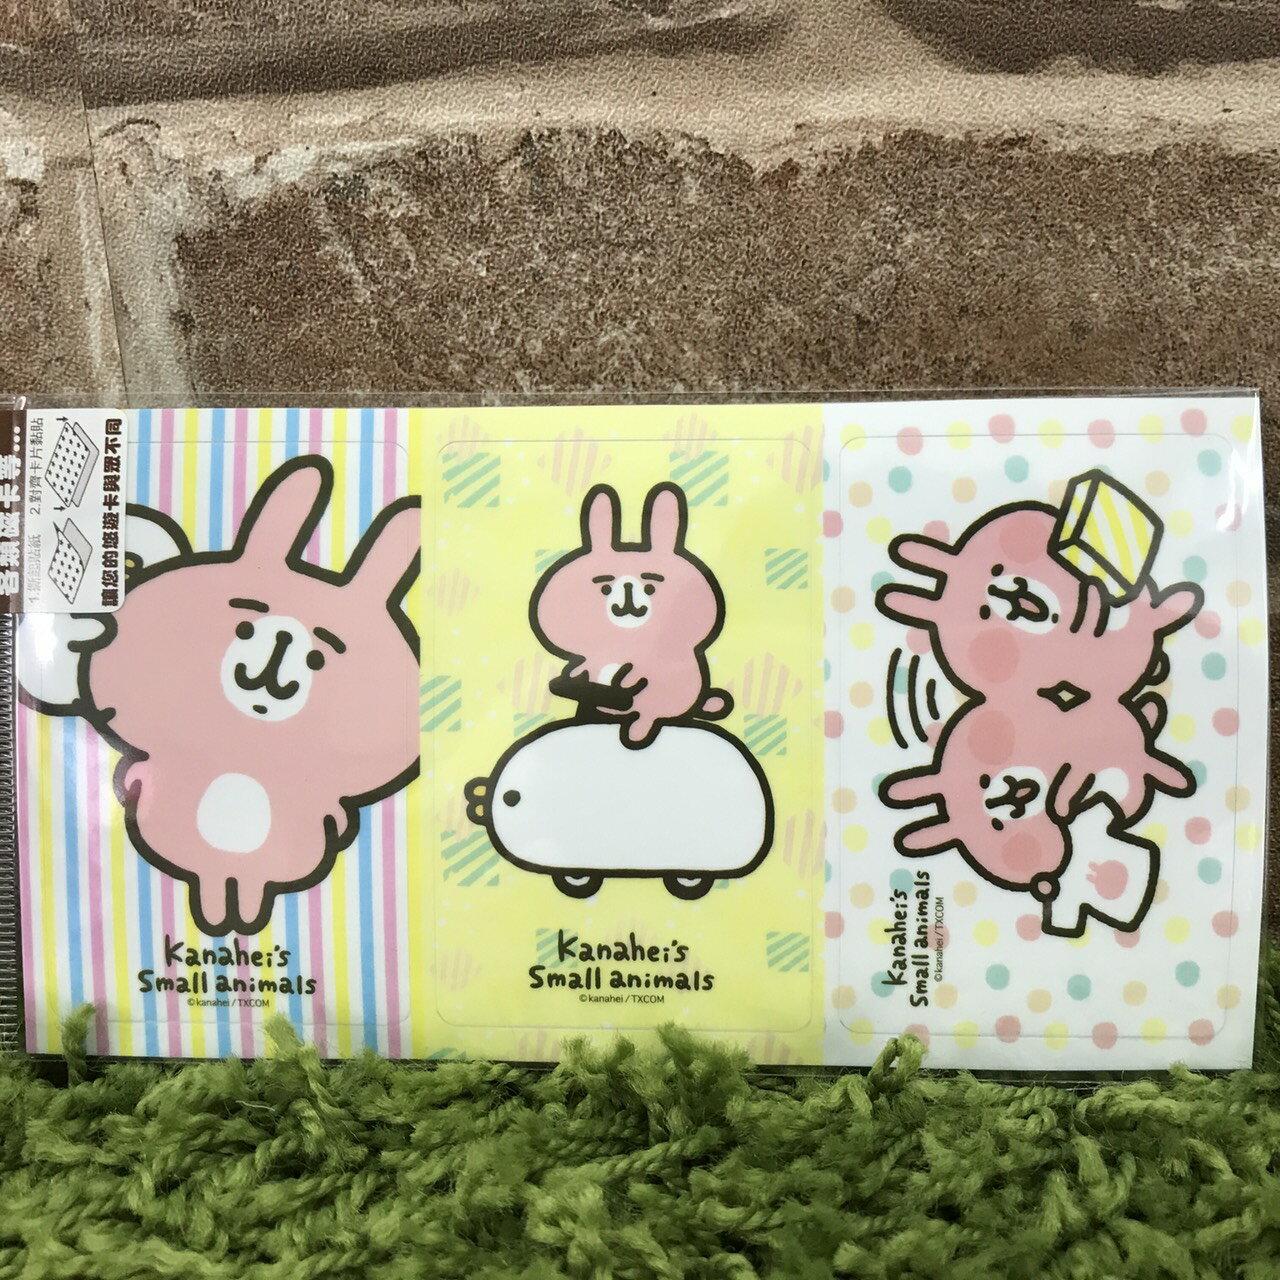 【真愛日本】17100600014 3入票卡貼紙-兔兔紫 卡娜赫拉的小動物 兔兔 P助 票卡貼 悠遊卡裝飾貼